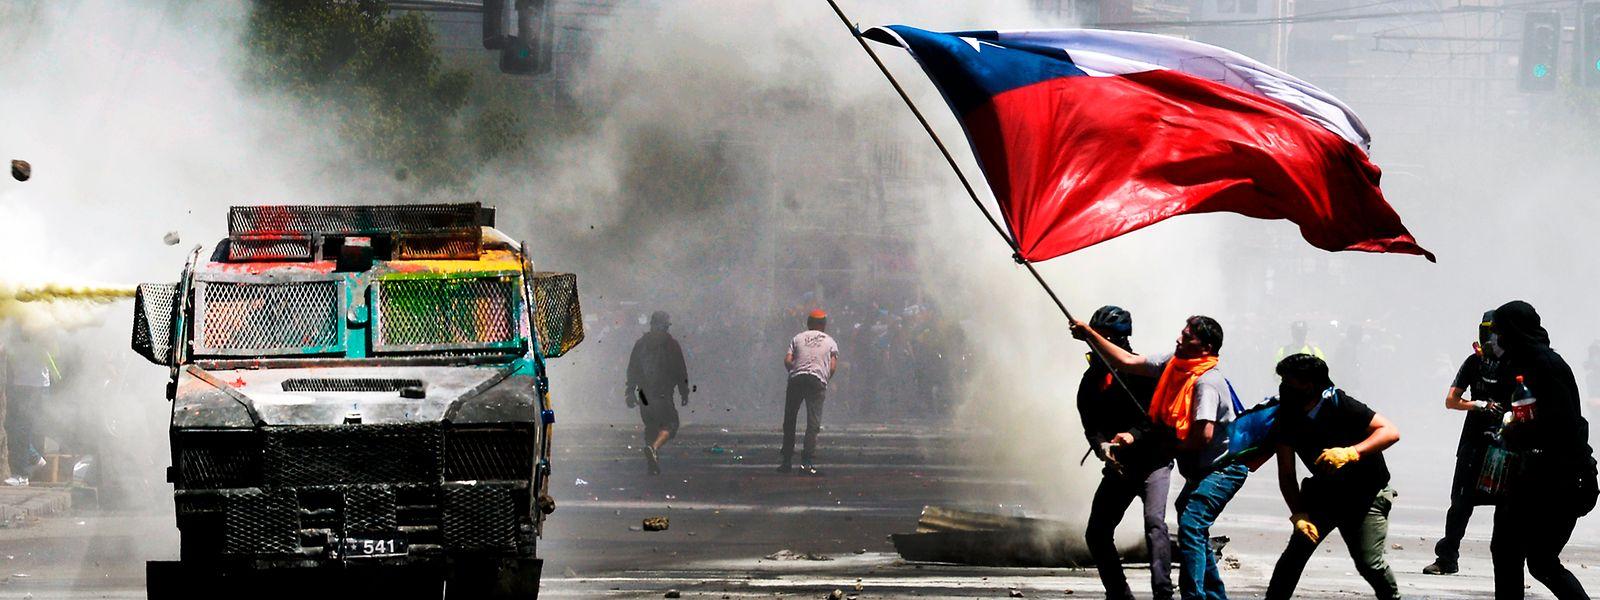 Wegen der aktuellen Protestwelle in Chile muss der Klimagipfel an einen anderen Ort ausweichen.